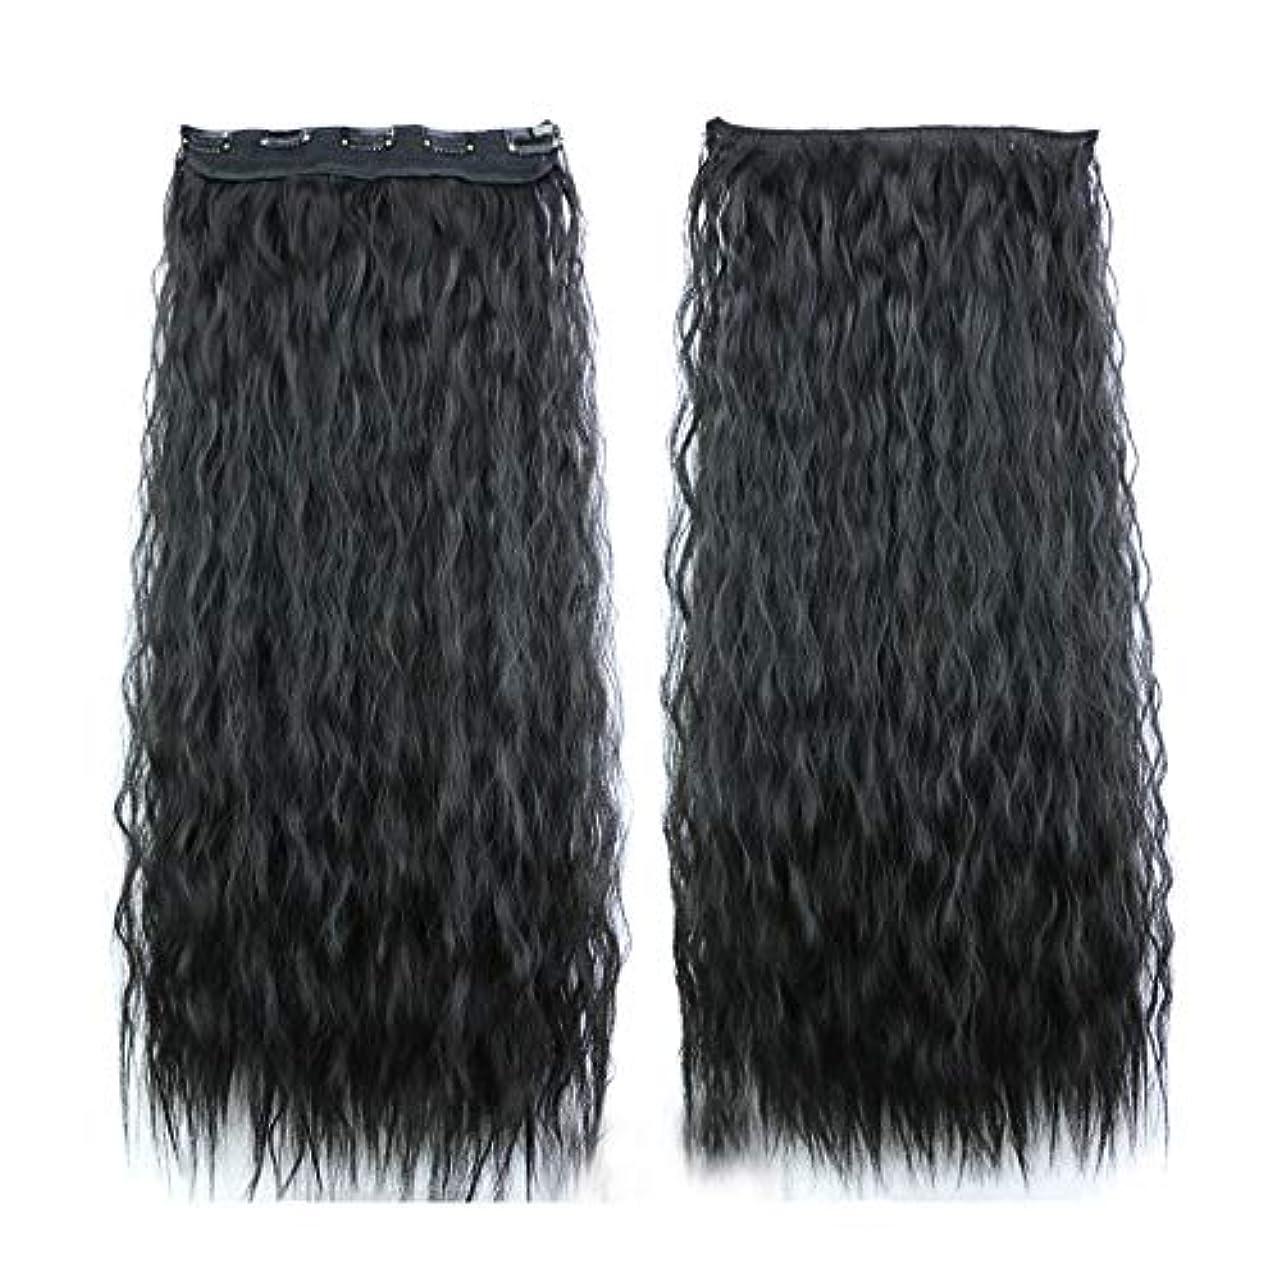 不愉快に慎重に移行するLazayyii 女性 かつら ストレートヘ シームレスパッチ 波状長い巻き毛パーティーコスプレ (ブラック)